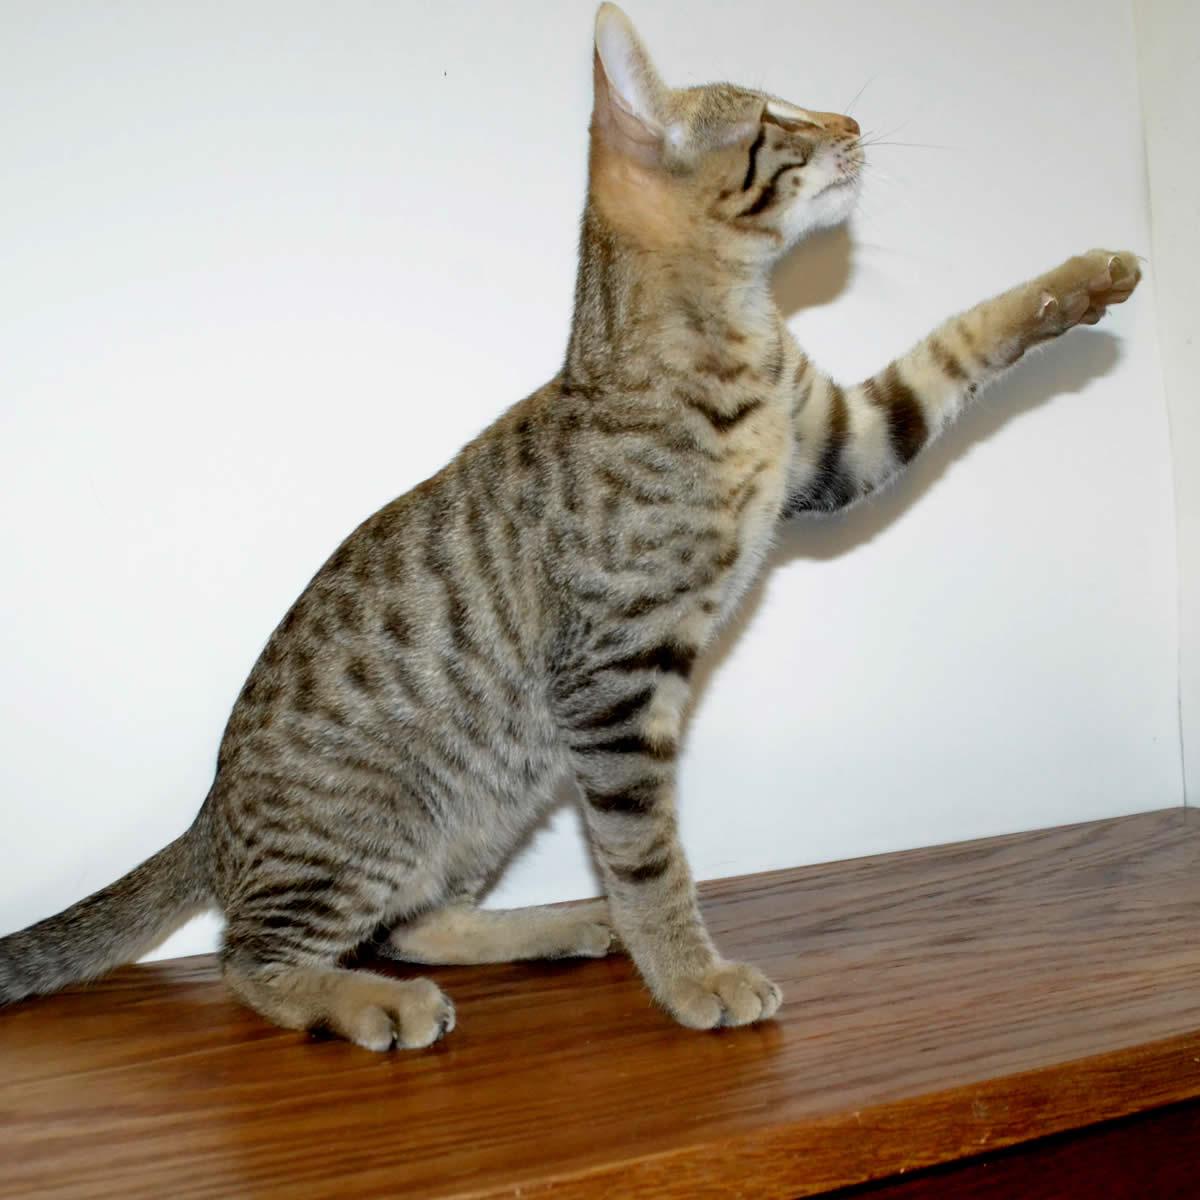 F6-Savannah-kittens-vb11ah